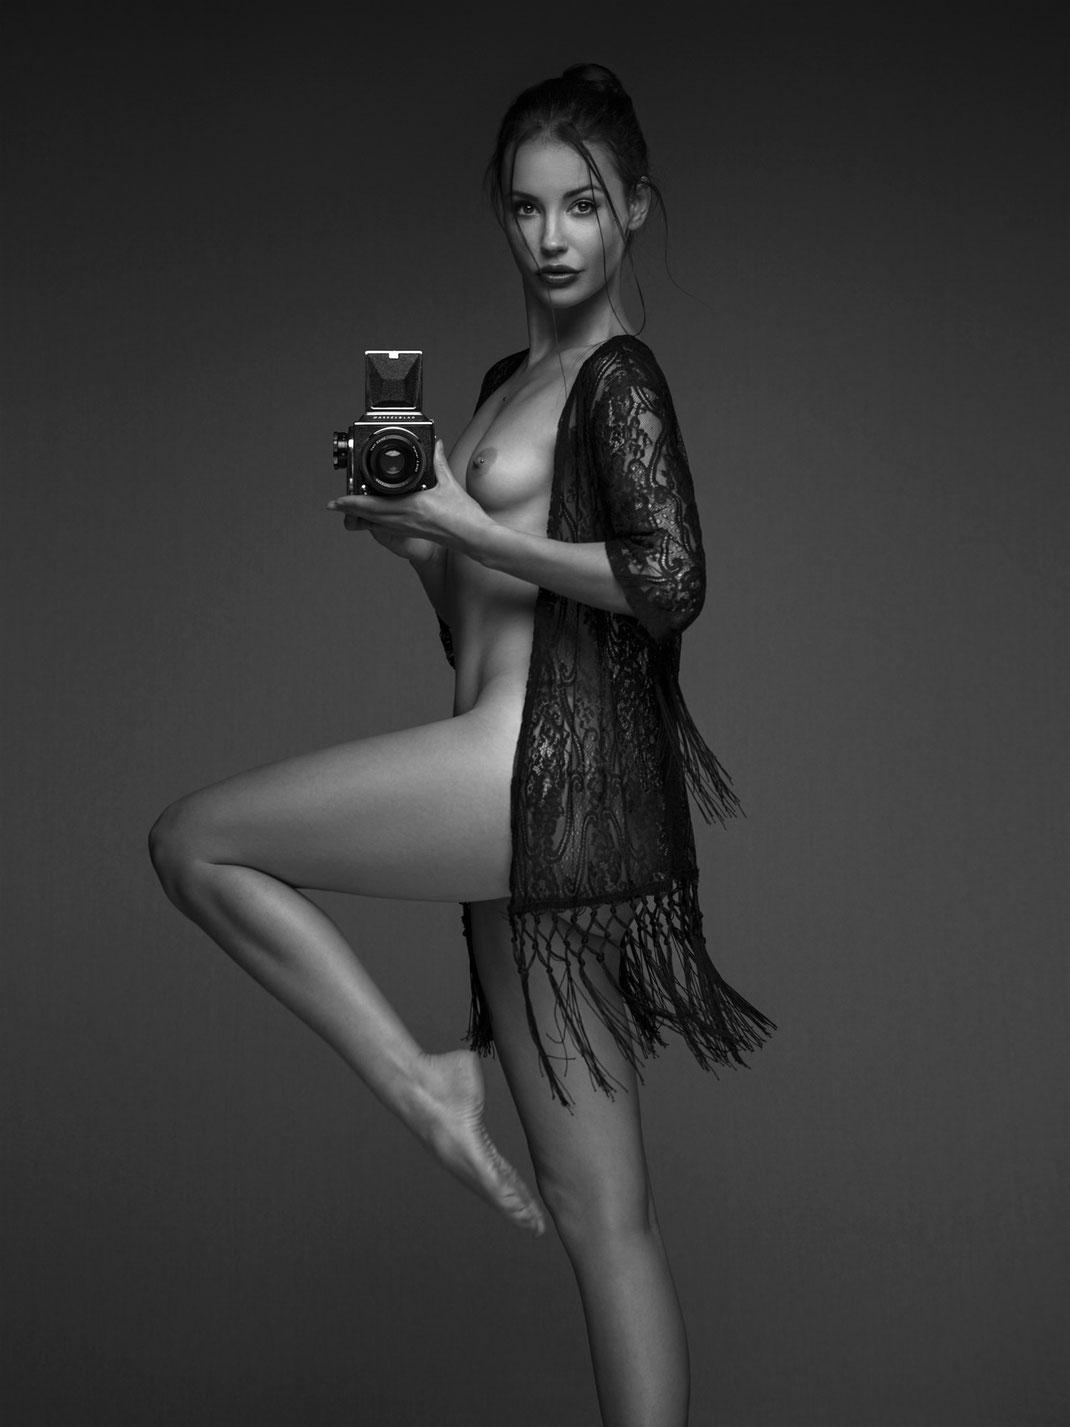 Two Beauties - Eliska & Hasselblad 500c - Markus Hertzsch - Camera - Girl